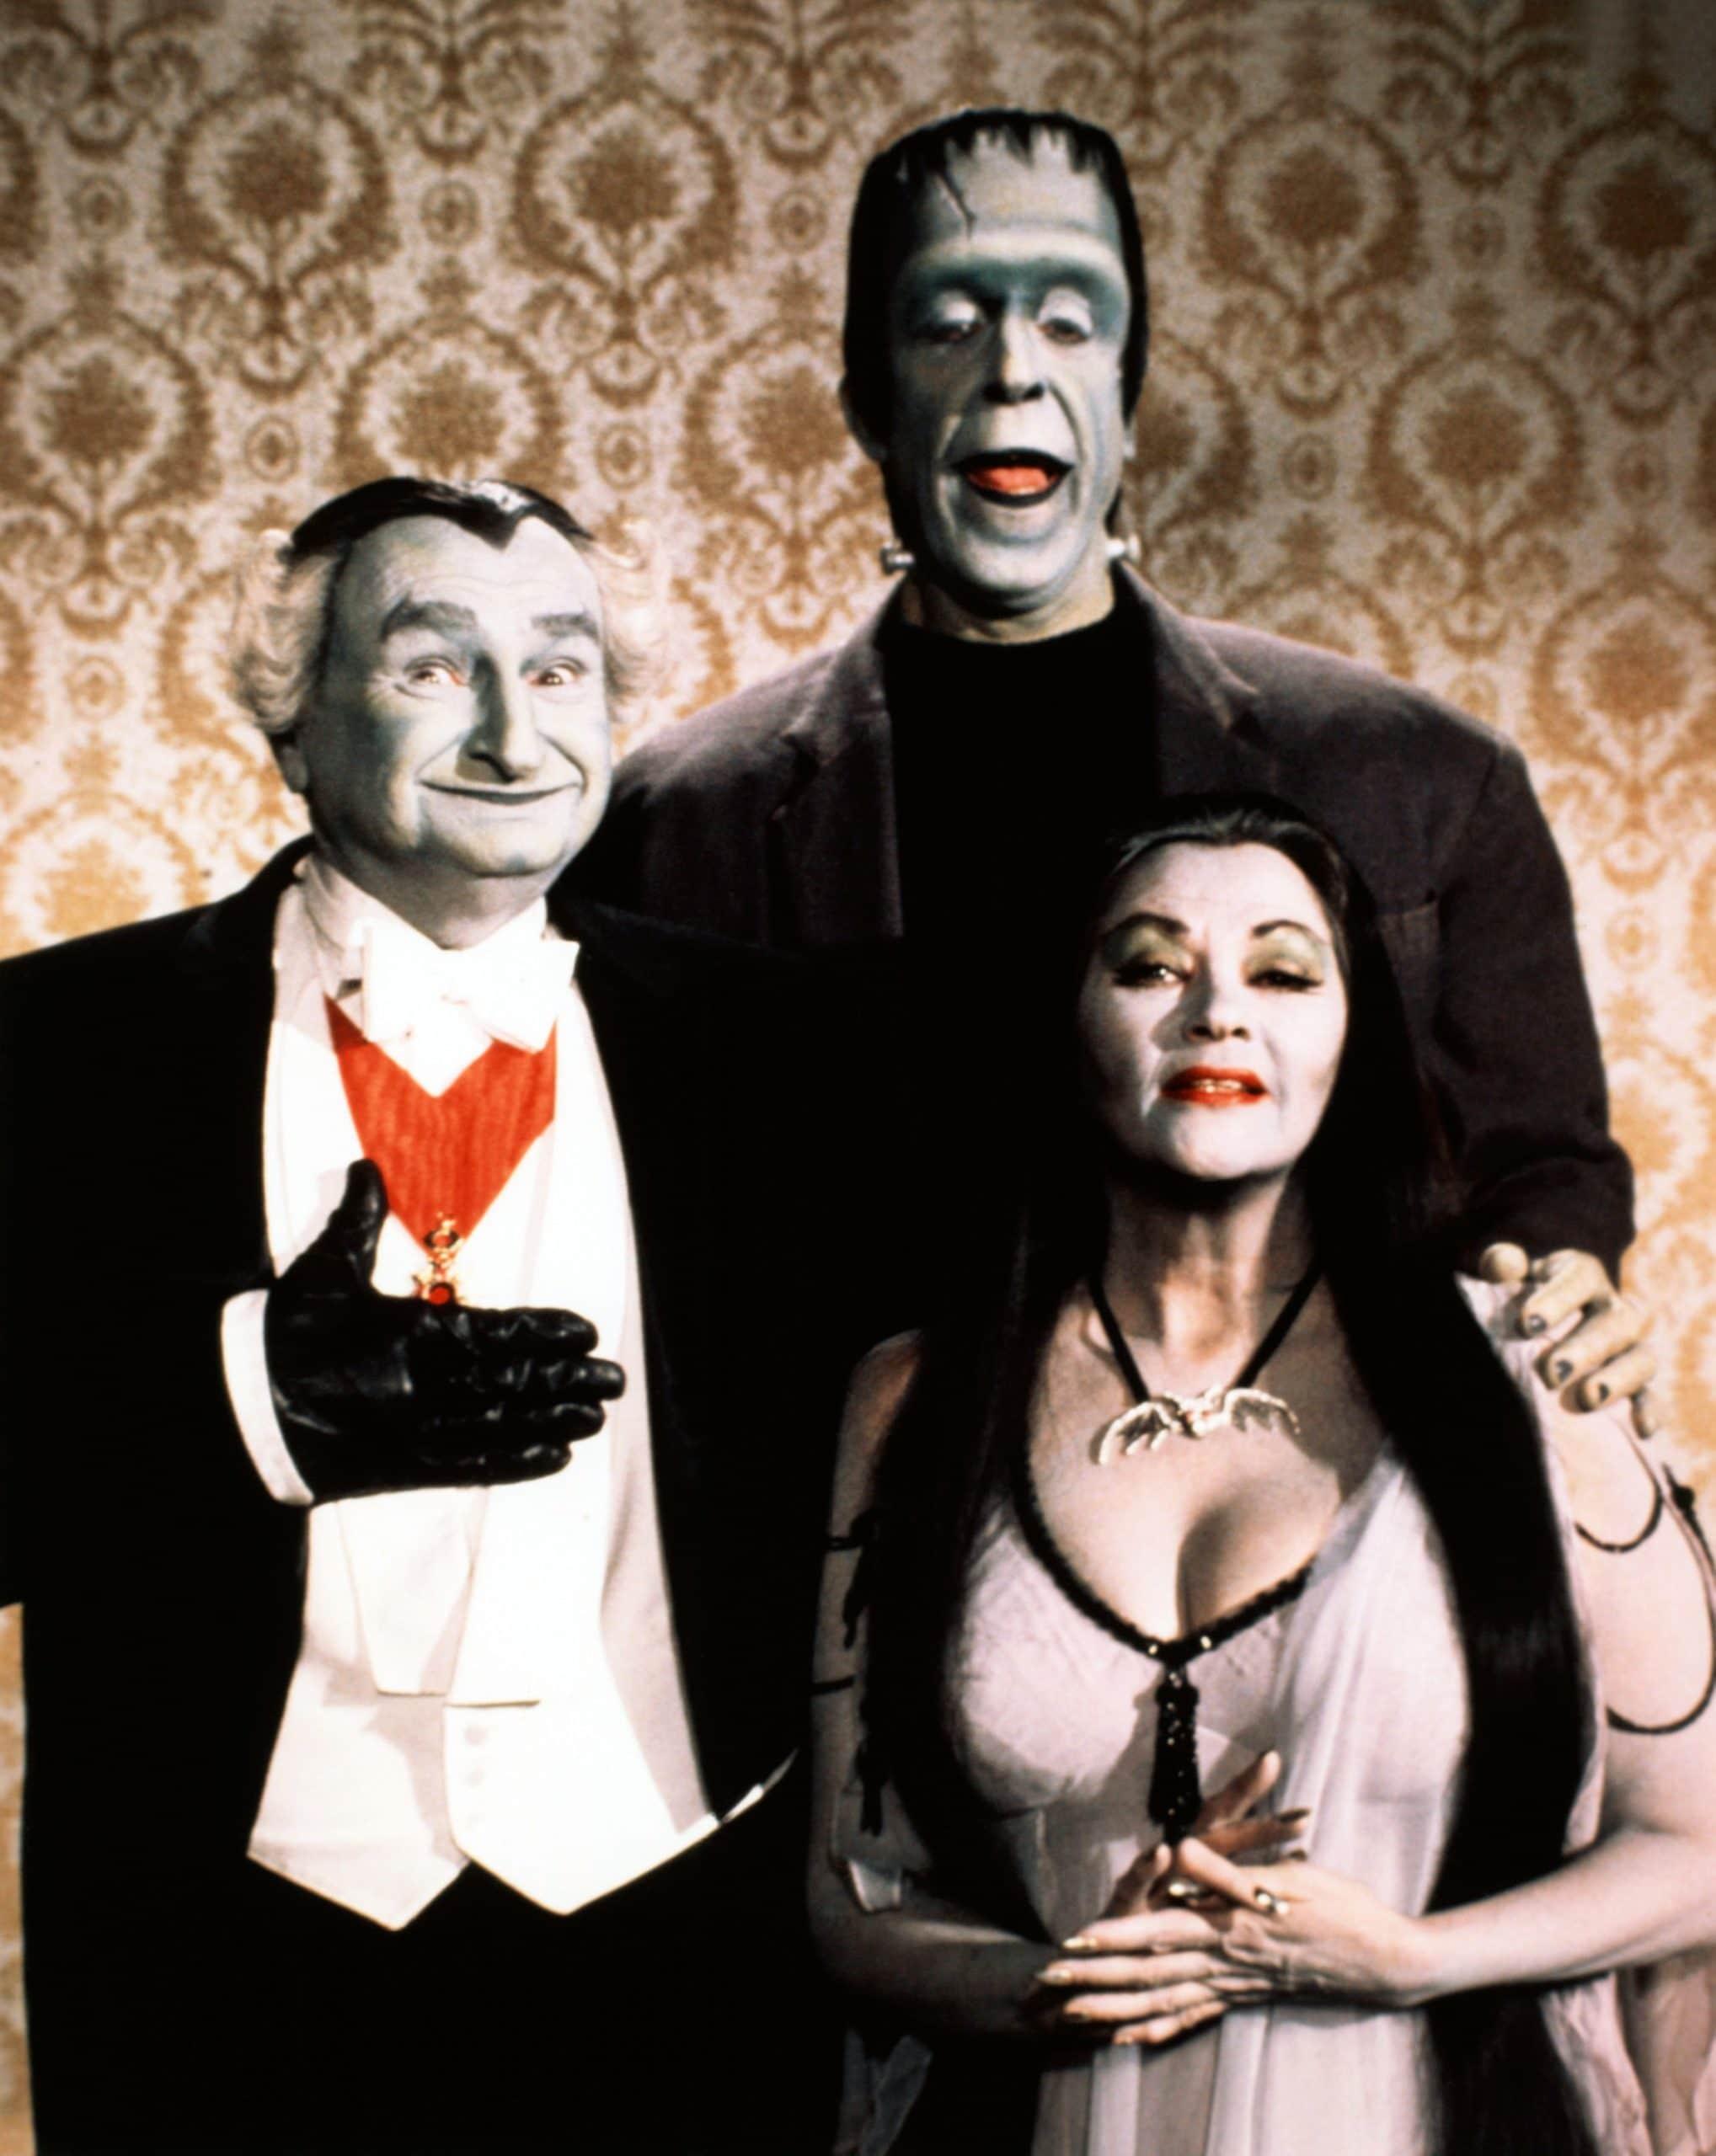 THE MUNSTER'S REVENGE, (from left): Al Lewis, Fred Gwynne, Yvonne De Carlo, 1981